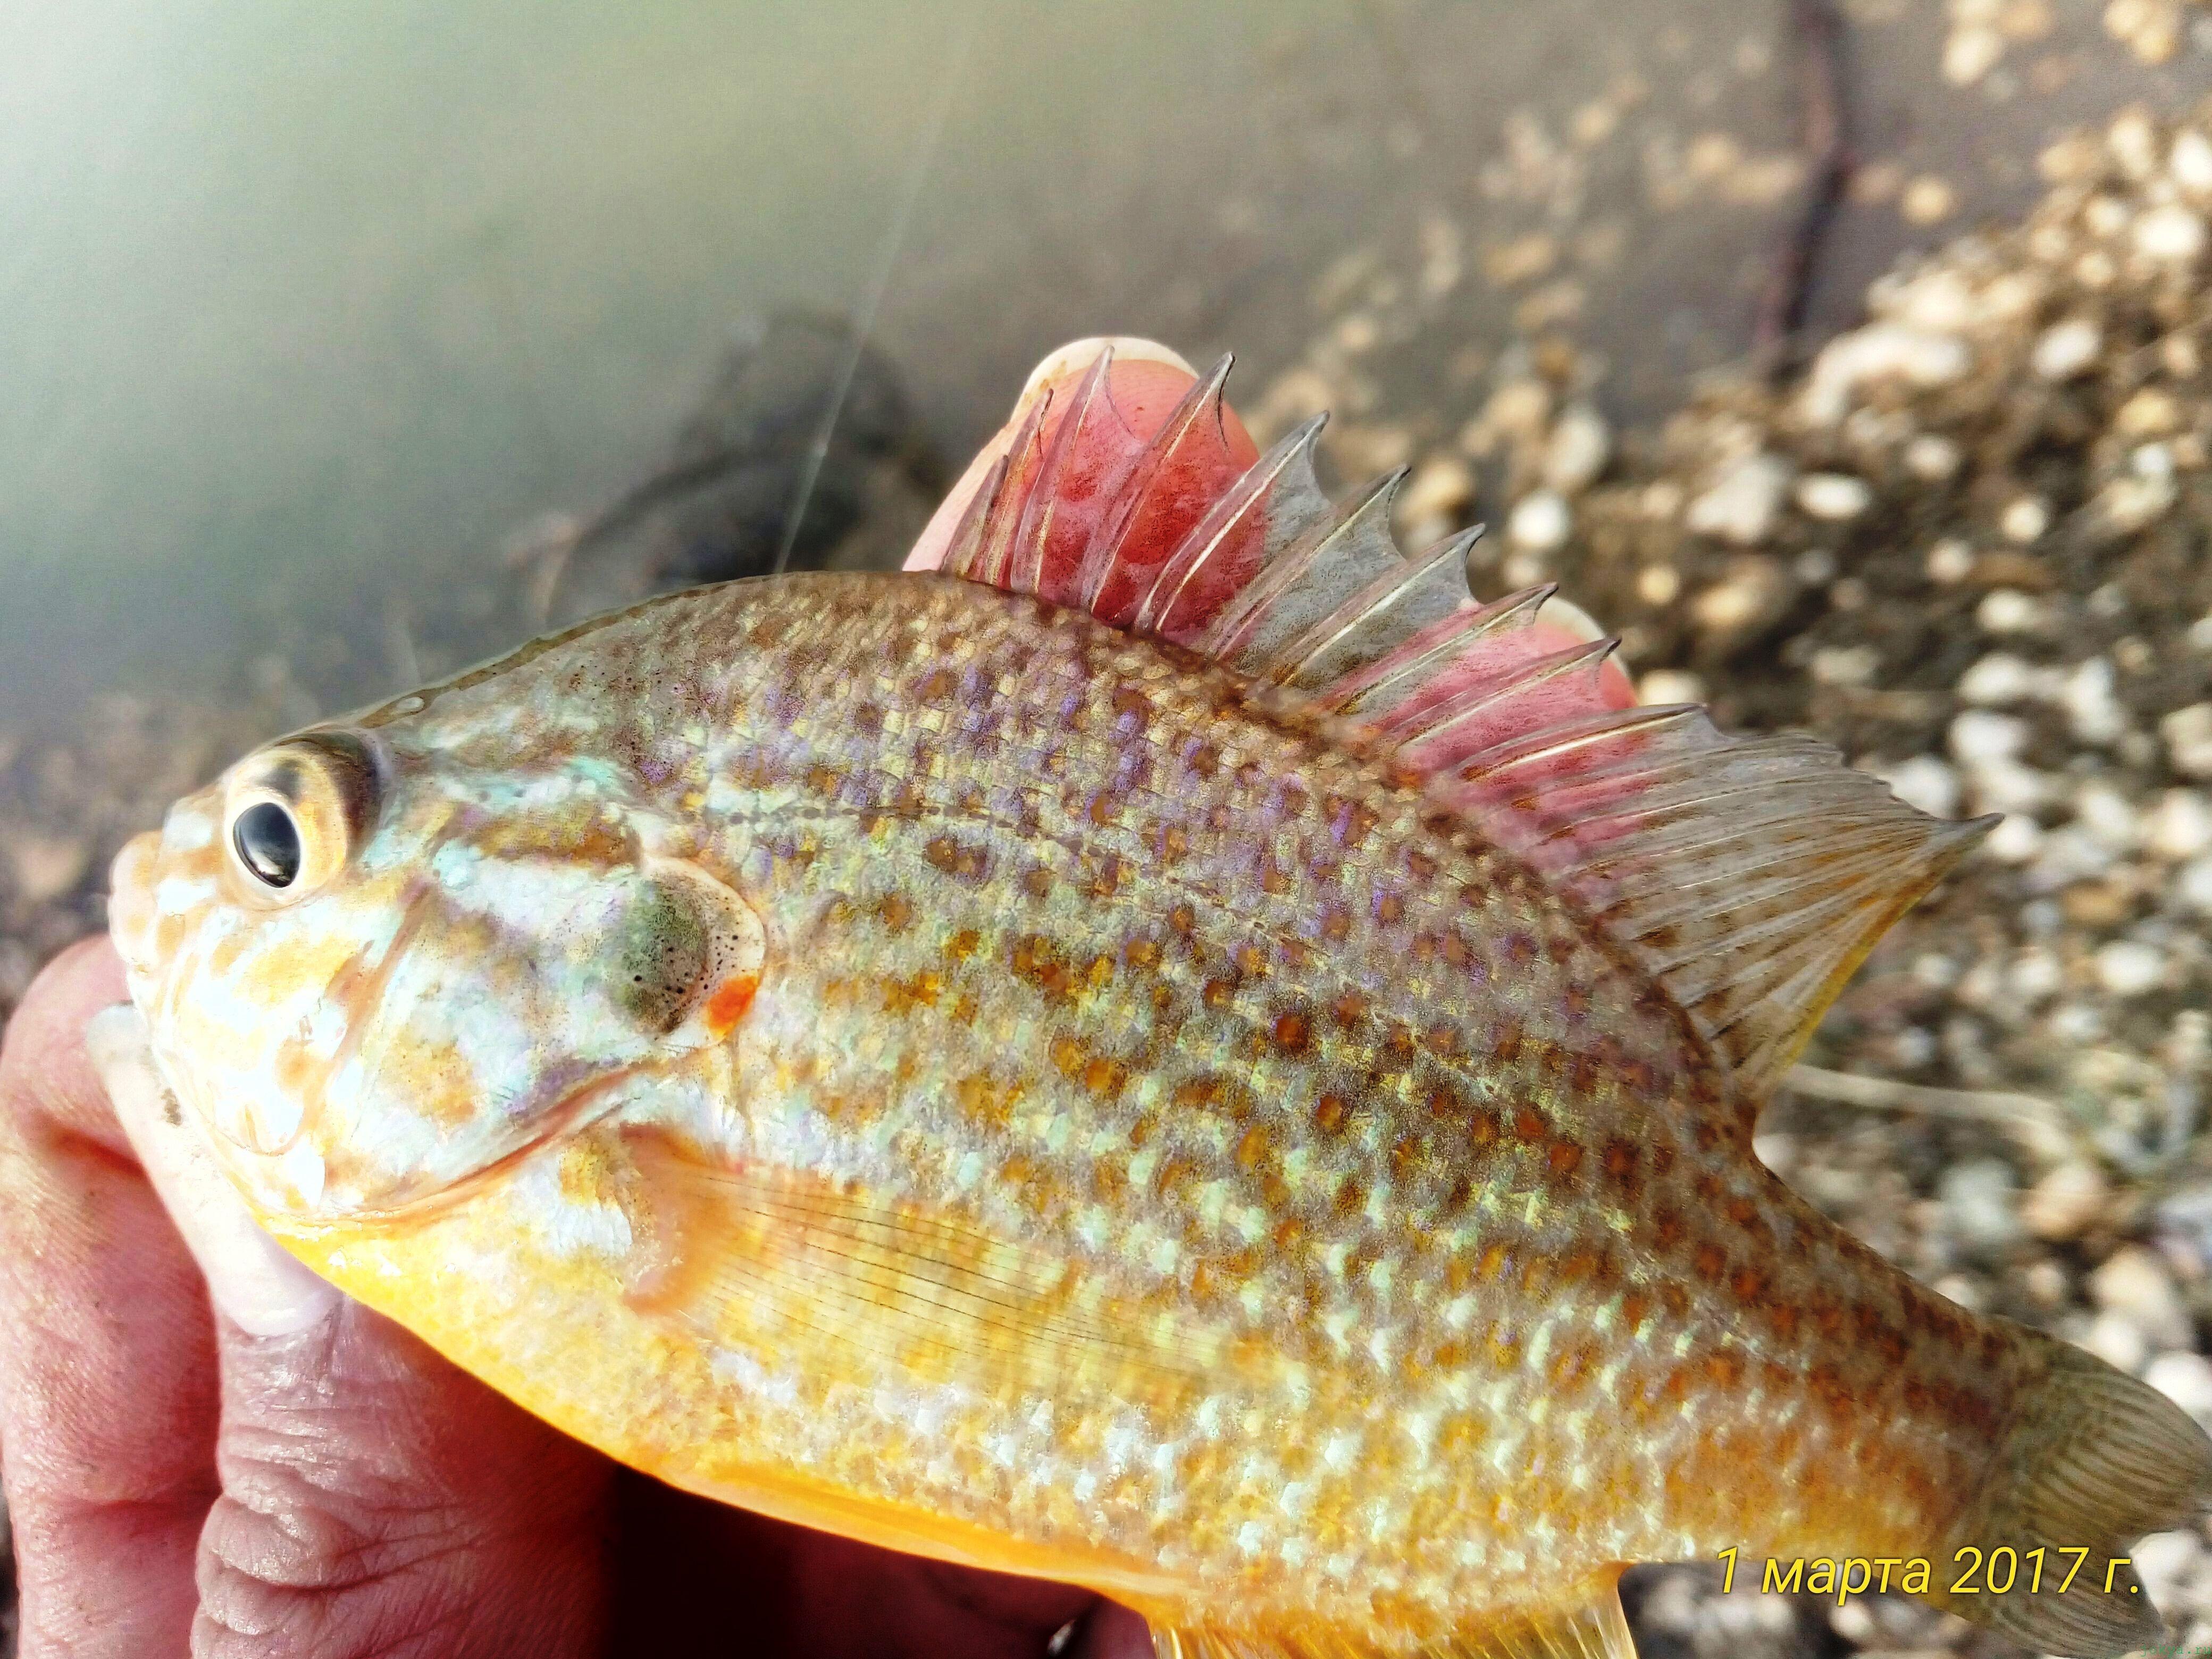 Рыбалка на водоеме «Квадрат»: фото заметка о моей реальности в Крыму jokya.ru